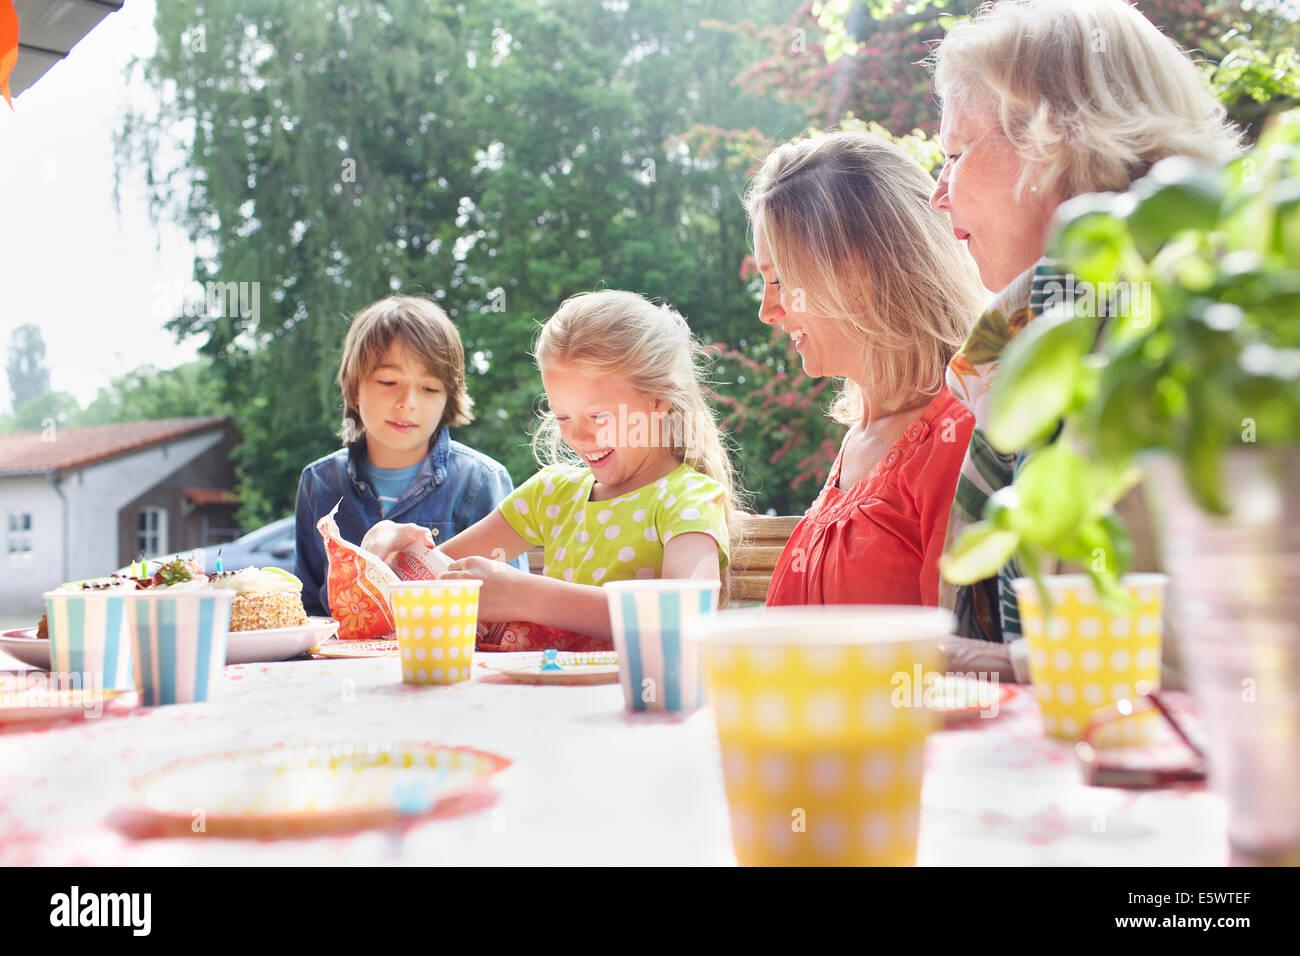 Mädchen mit ihrer Familie auf Geburtstagsparty Geburtstagsgeschenk öffnen Stockbild